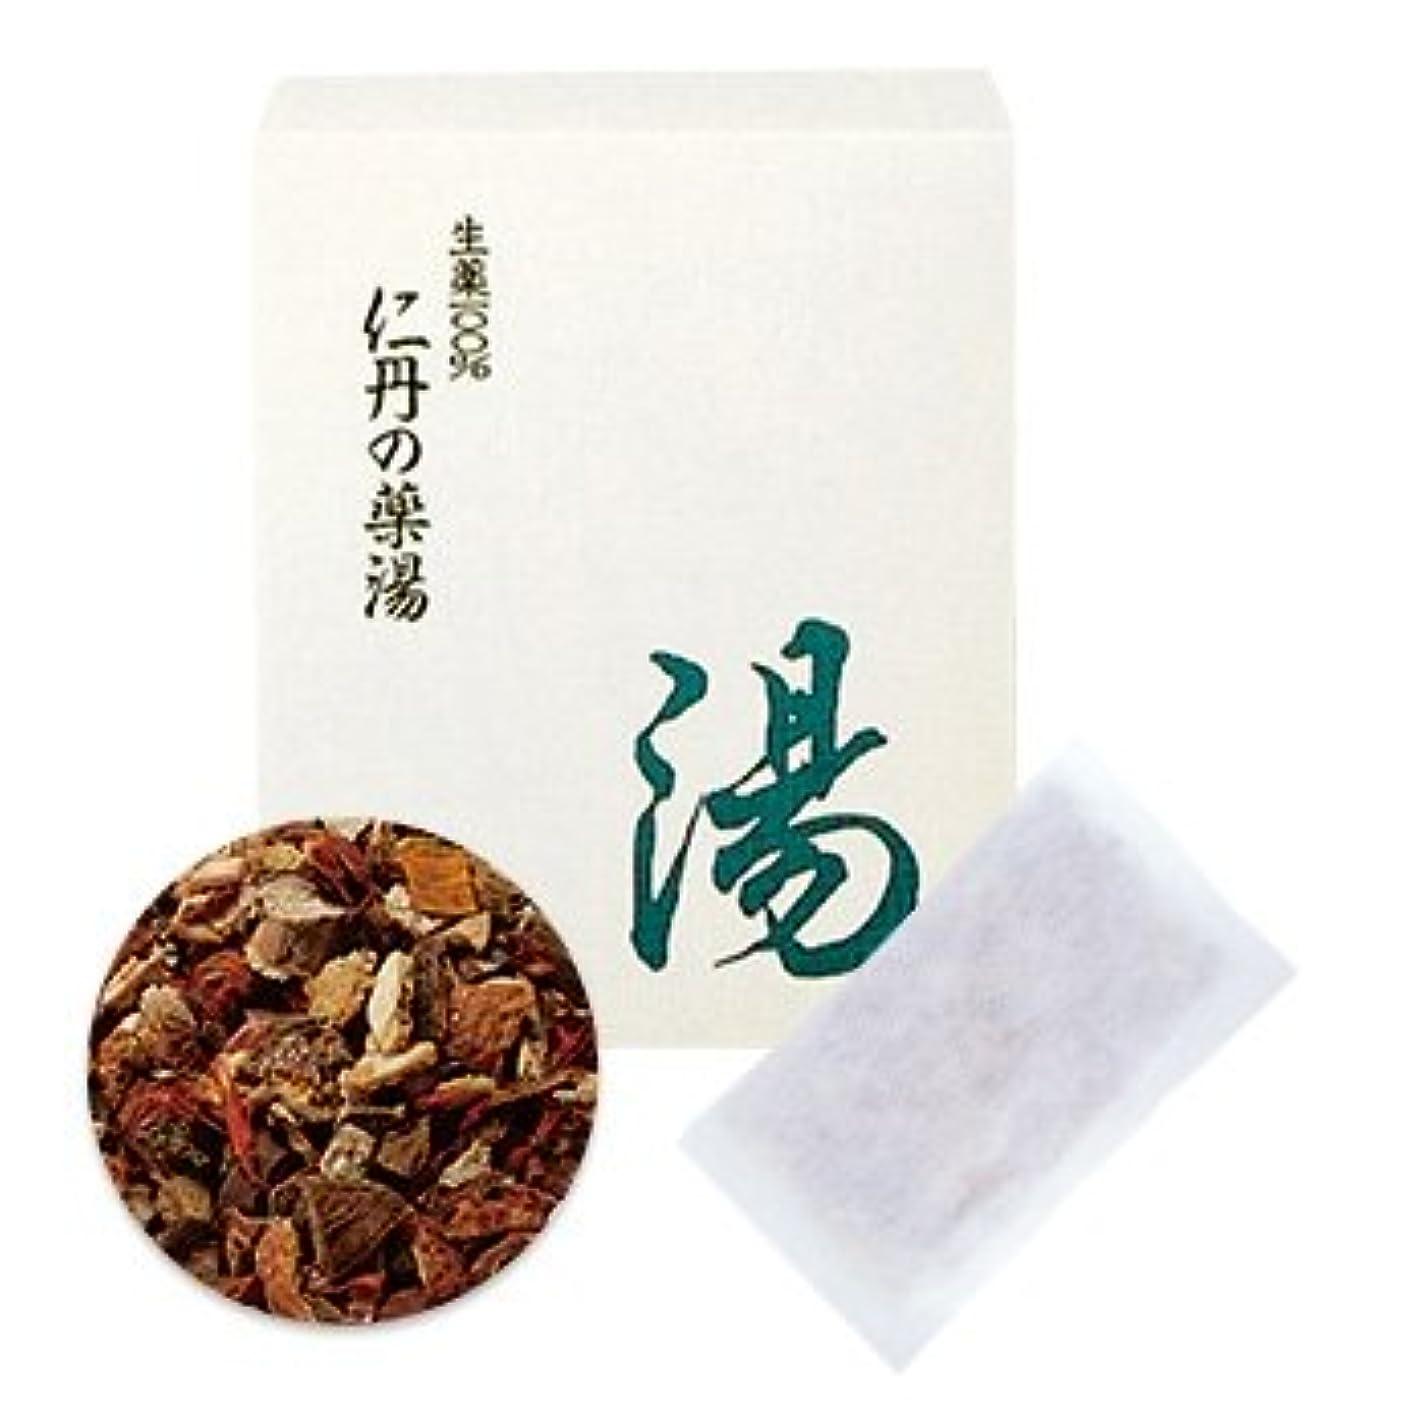 名誉あるレビュアー選ぶ森下仁丹 仁丹の薬湯(マイルド) 10包 医薬部外品